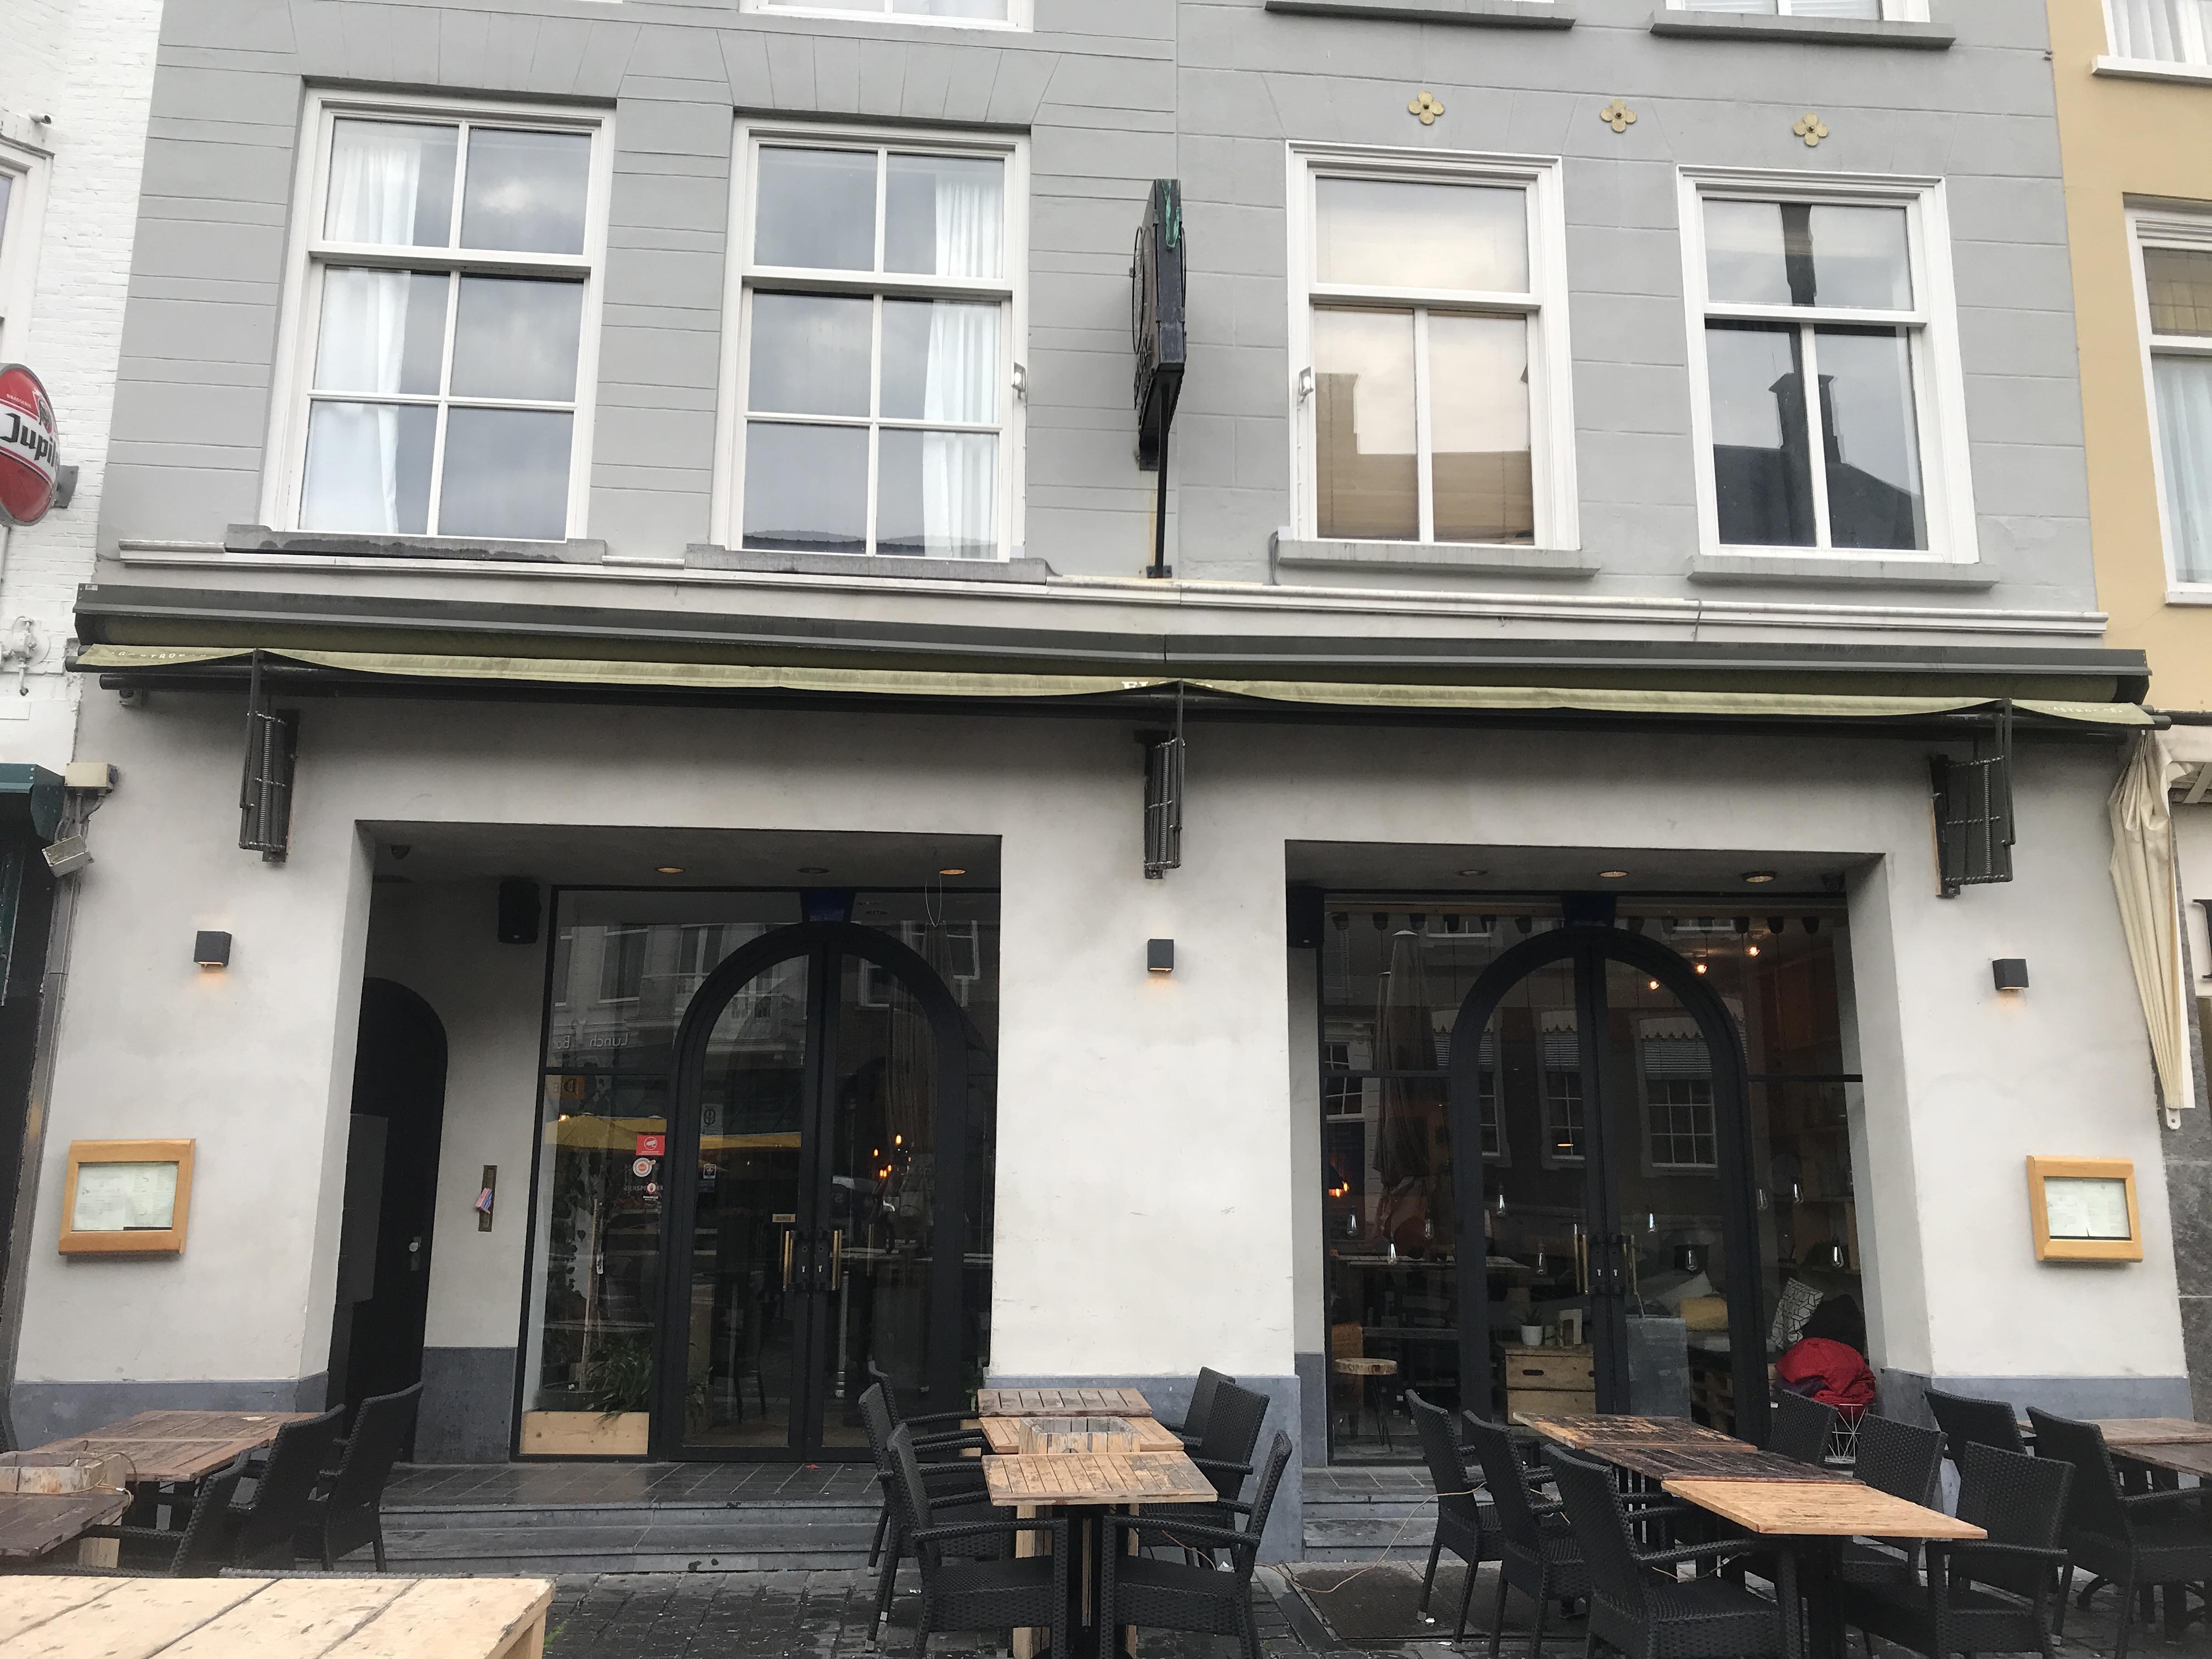 oplossing voor alle asbest problemen bij Flamant - ook bedrijfspanden